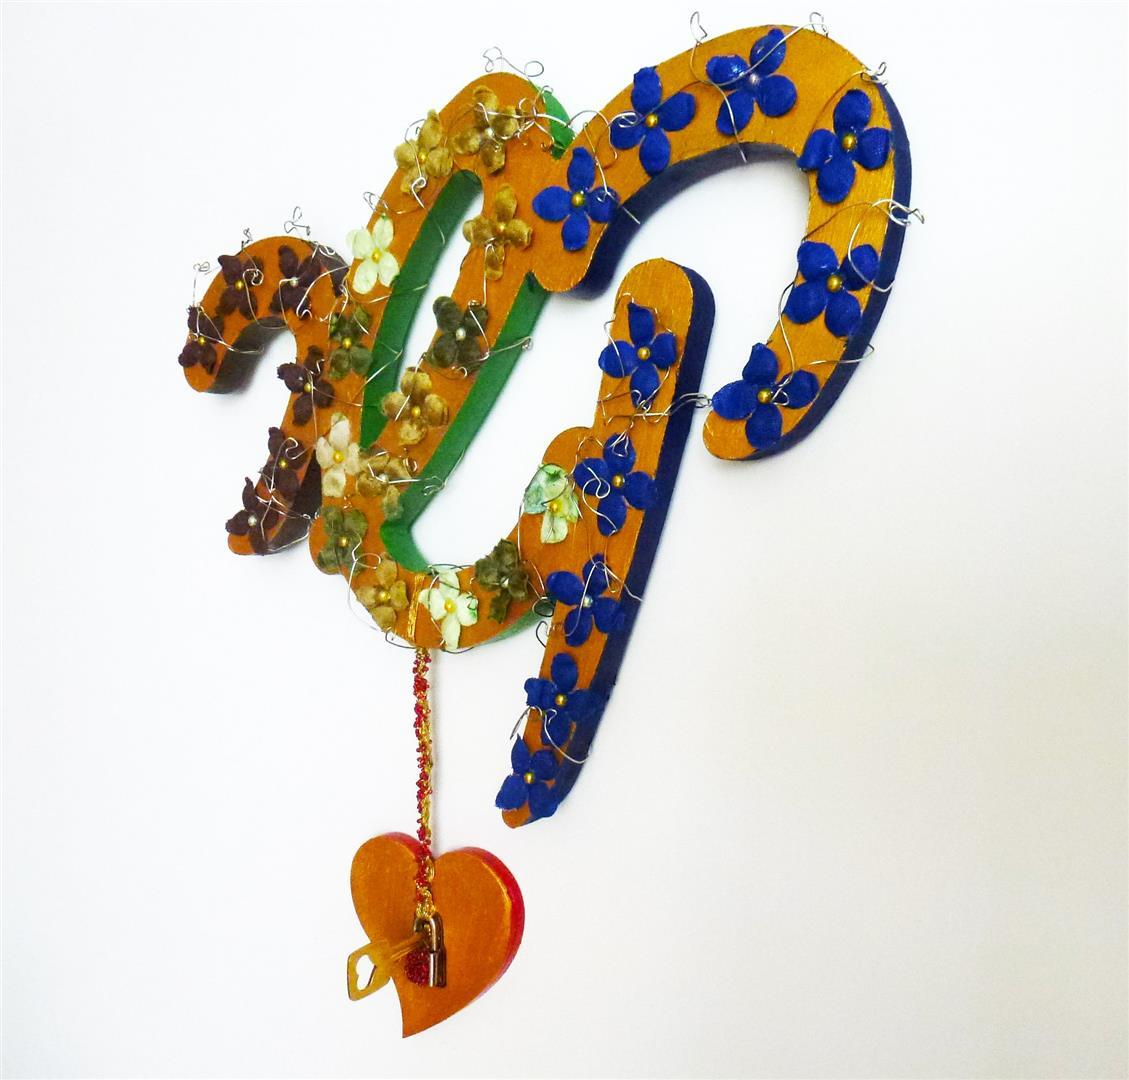 היצירה- לפתוח את מנעול הלב -תרומה לארגון קשר